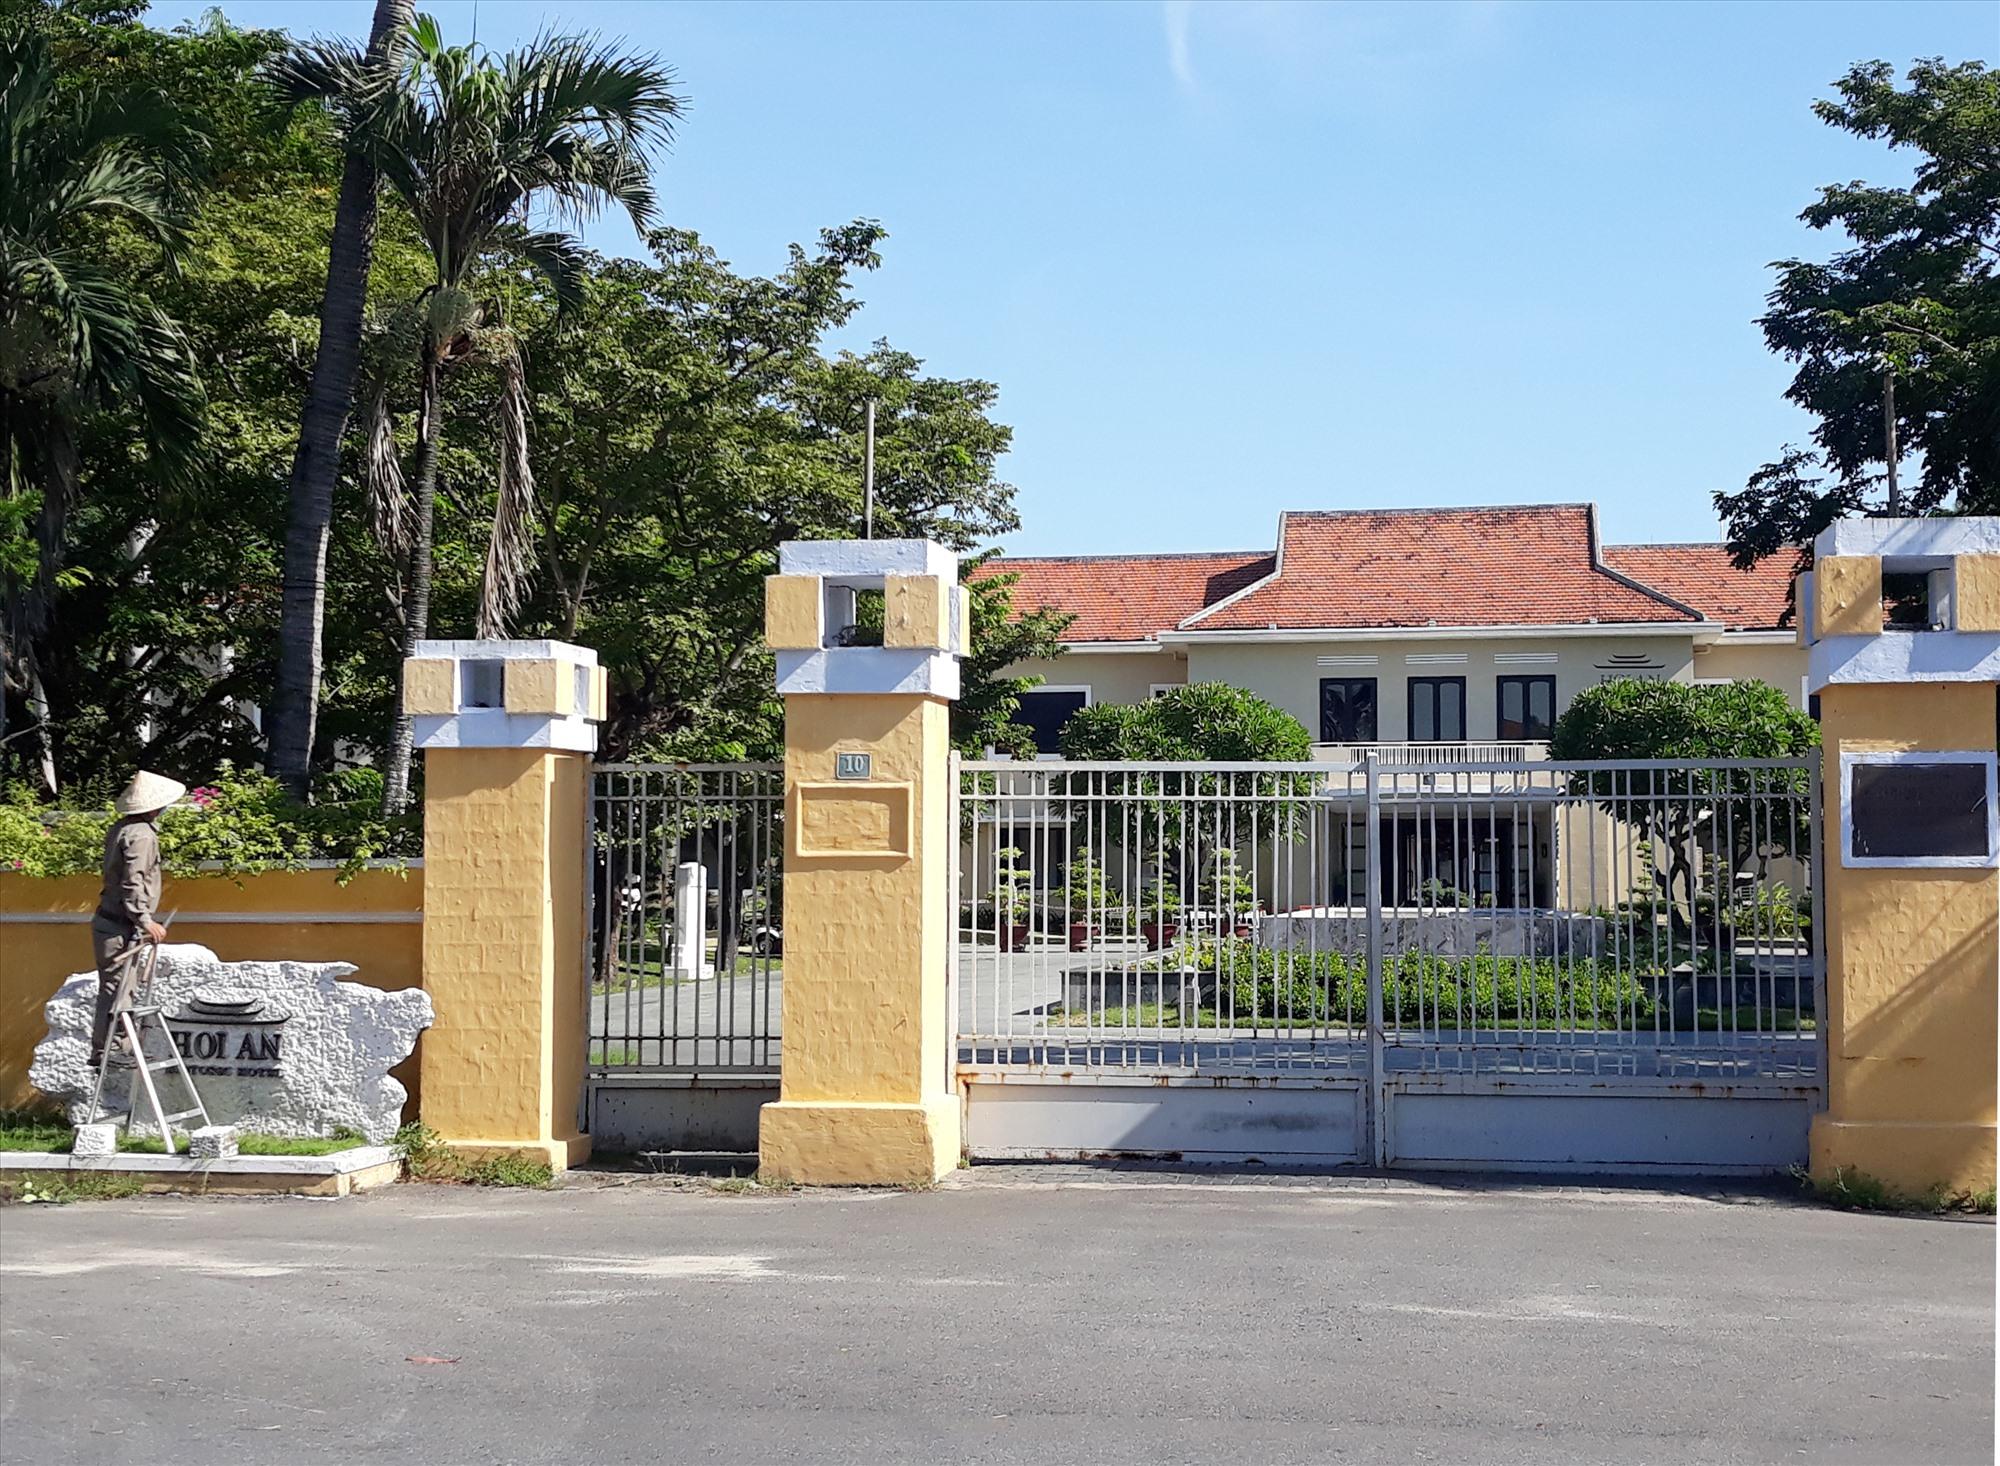 Công ty CP Du lịch dịch vụ Hội An cùng chung số phận thua lỗ đóng cửa của phần lớn doanh nghiệp Quảng Nam trước đại dịch cần được xem xét hỗ trợ. Ảnh: T.D